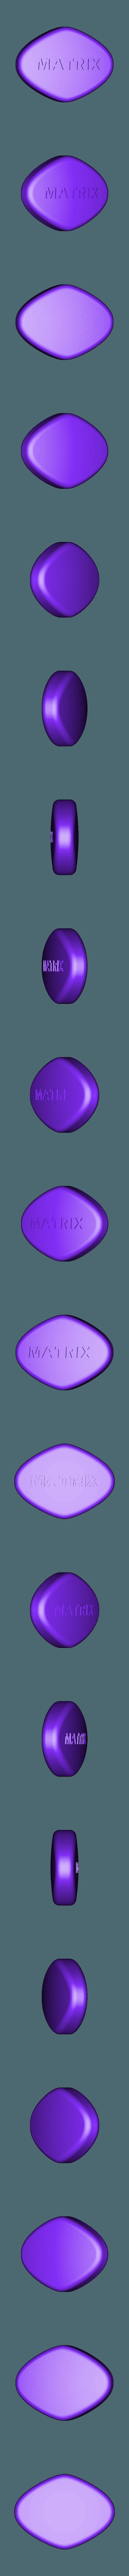 Big_Blue_Pill_-_MATRIX.stl Télécharger fichier STL gratuit La grande pilule bleue v2 • Objet imprimable en 3D, michelj